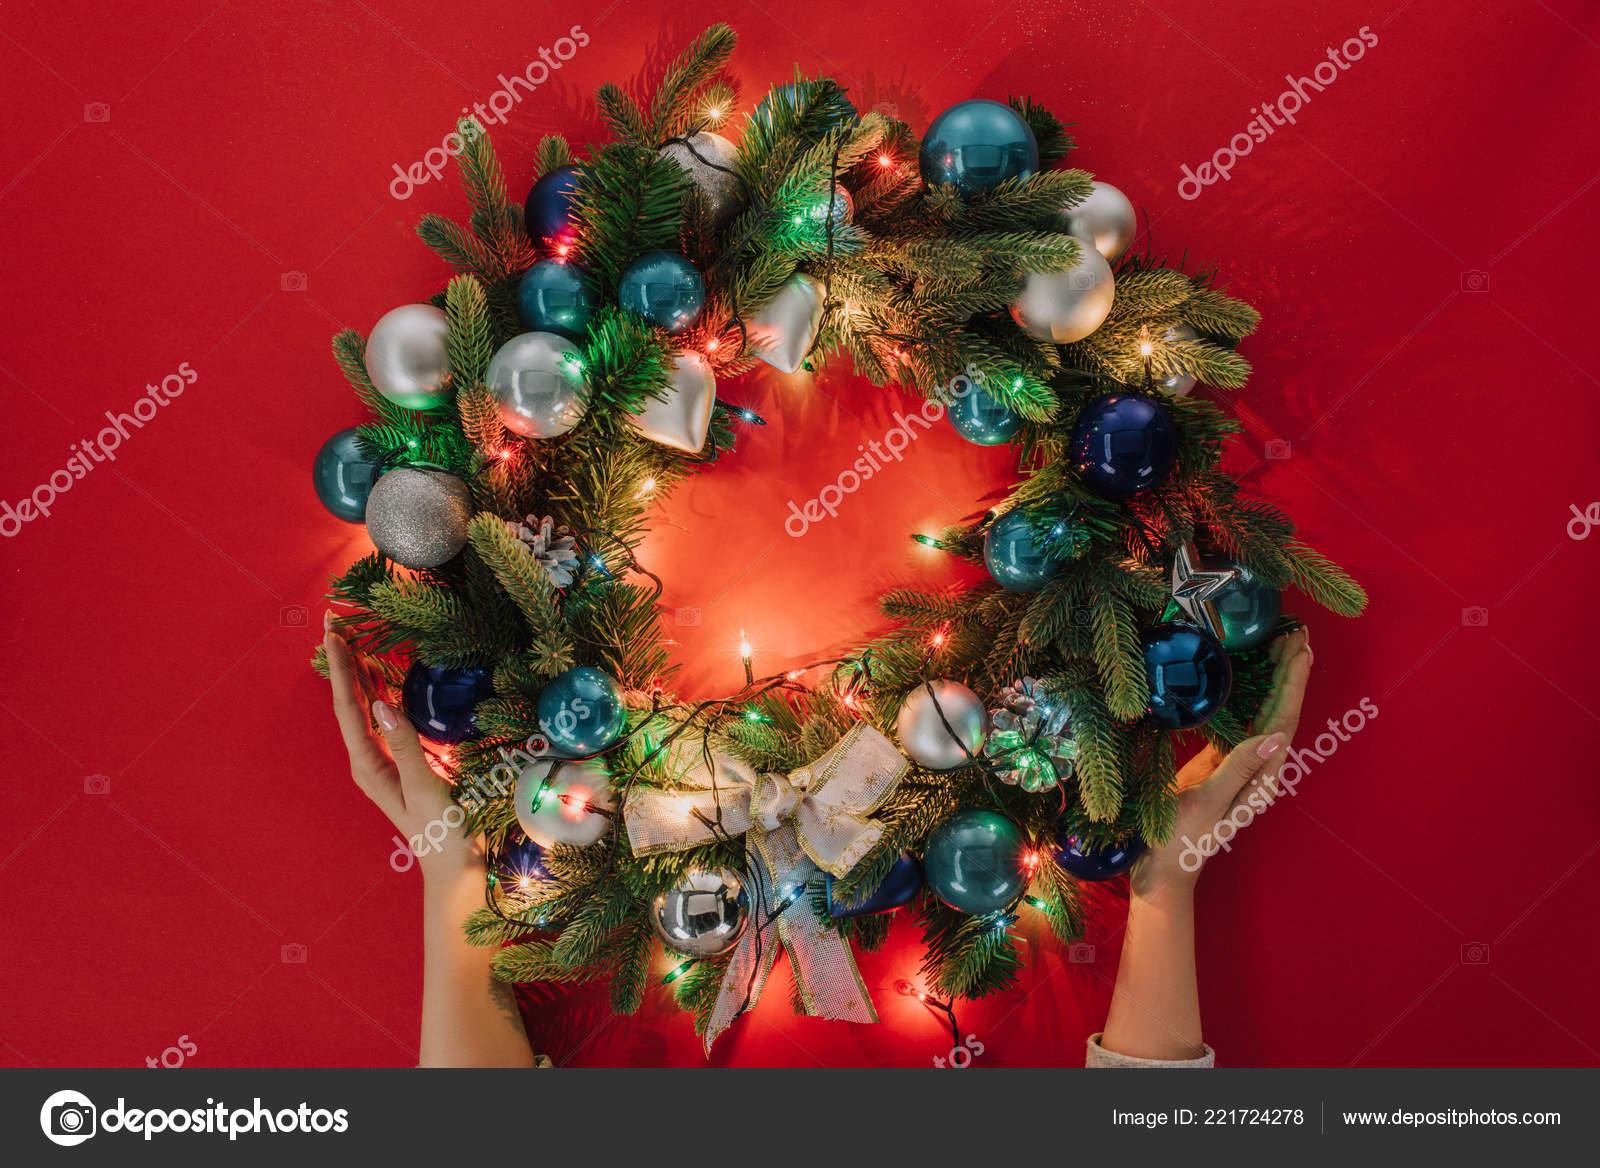 gedeeltelijke weergave van vrouw met handgemaakte kerst krans met verlichting stockfoto